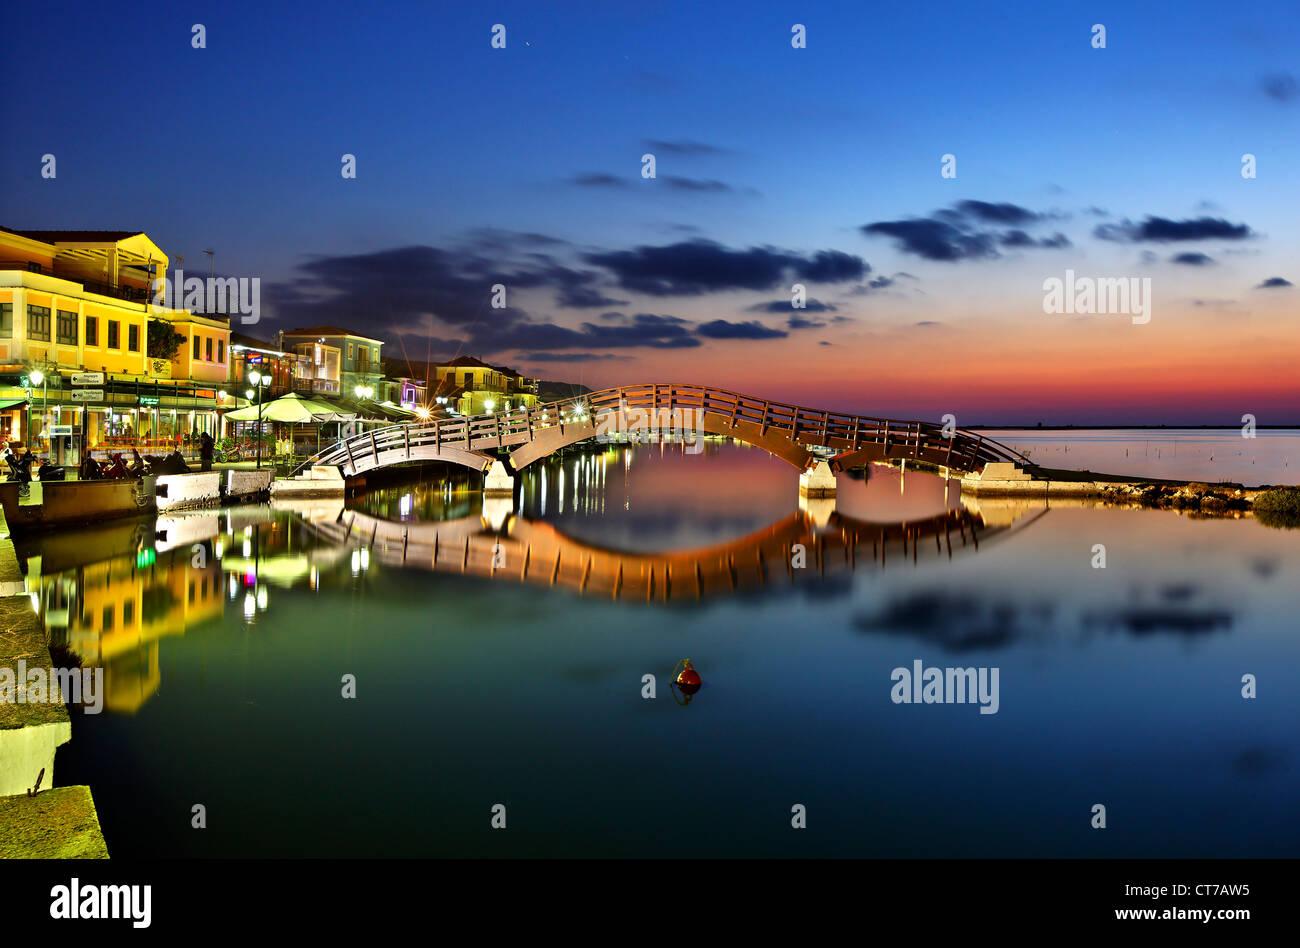 Sonnenuntergang in Lefkas (Lefkada) Stadt, in der kleinen Marina für die Fischerboote mit schöne Holzbrücke. Stockbild